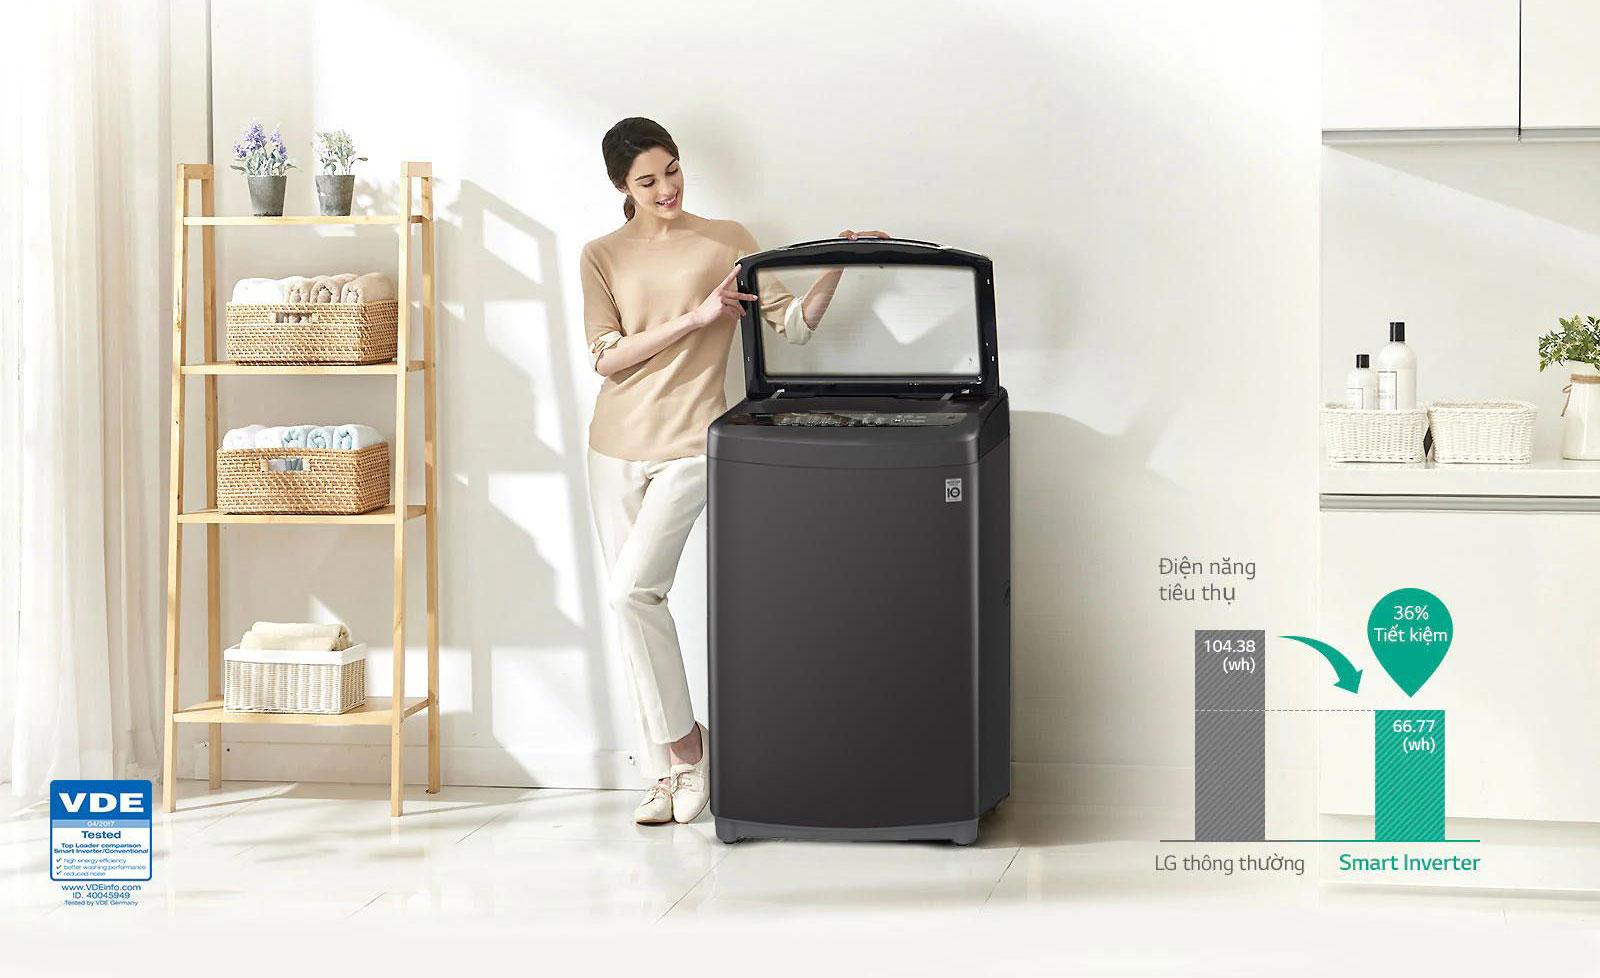 Tiết kiệm năng lượng với công nghệ Smart Inverter™